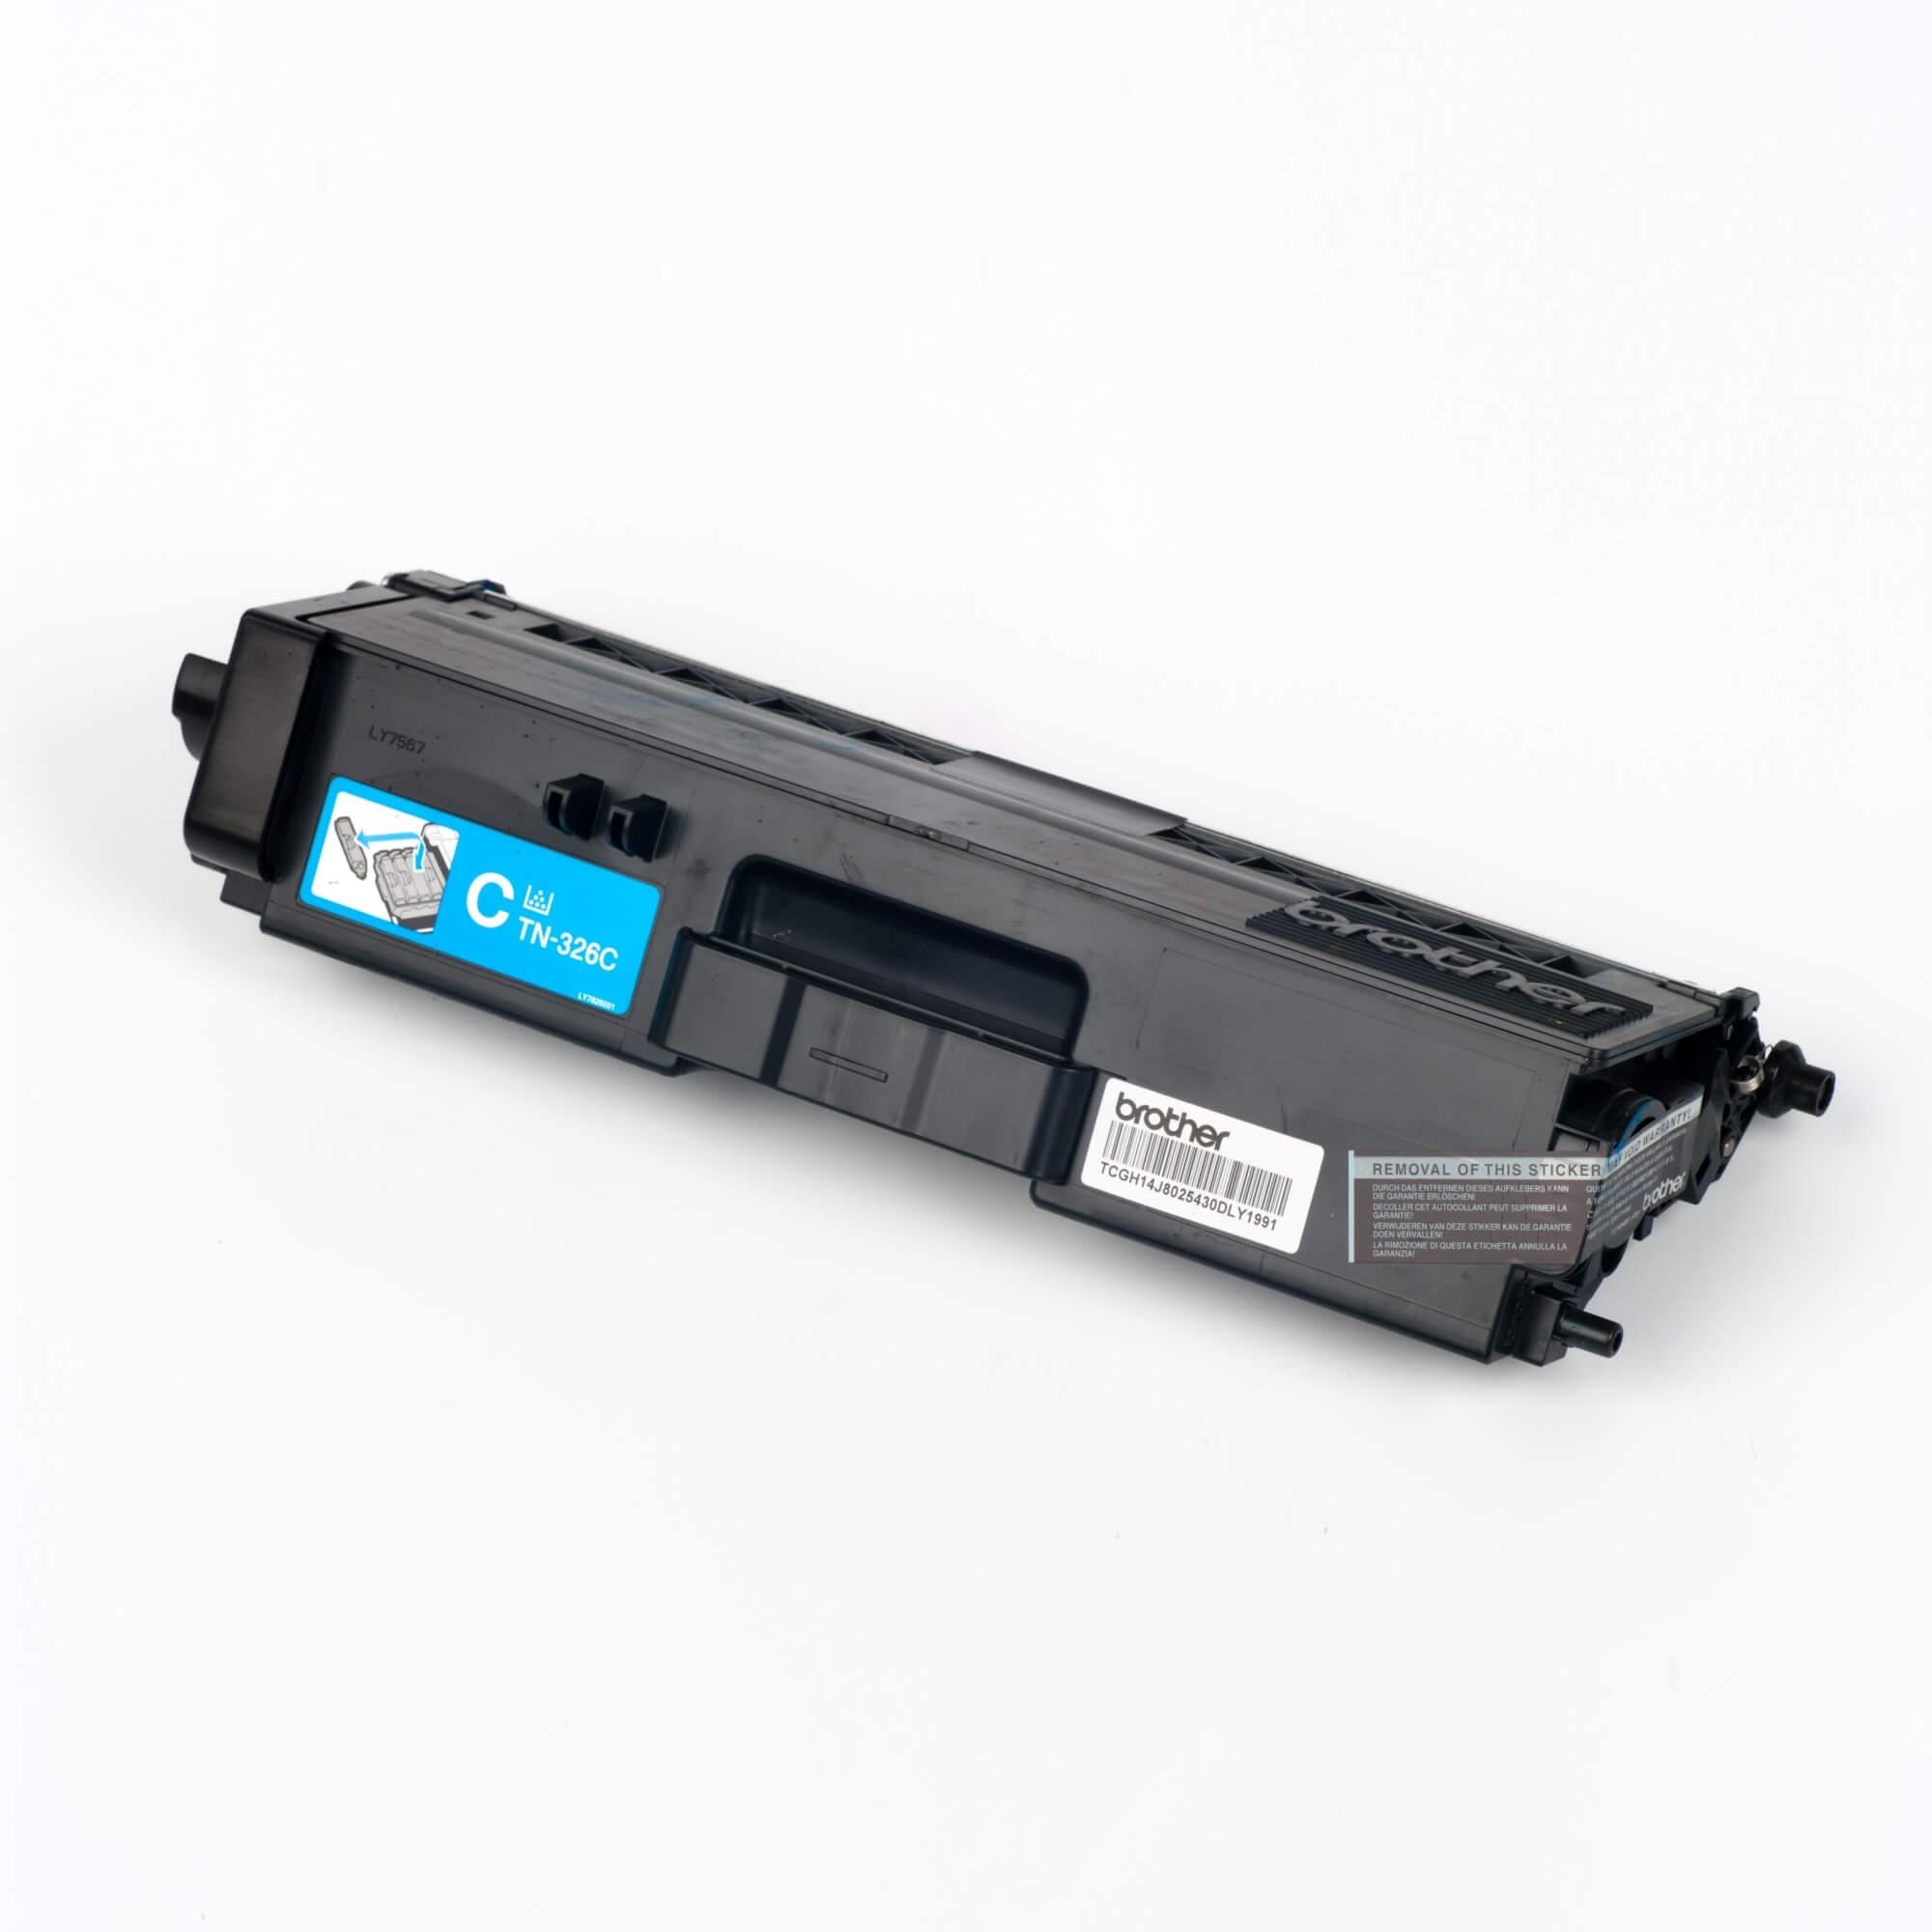 Auf dem Bild sehen Sie eine Brother TN-326C Blau Original Tonerkassette